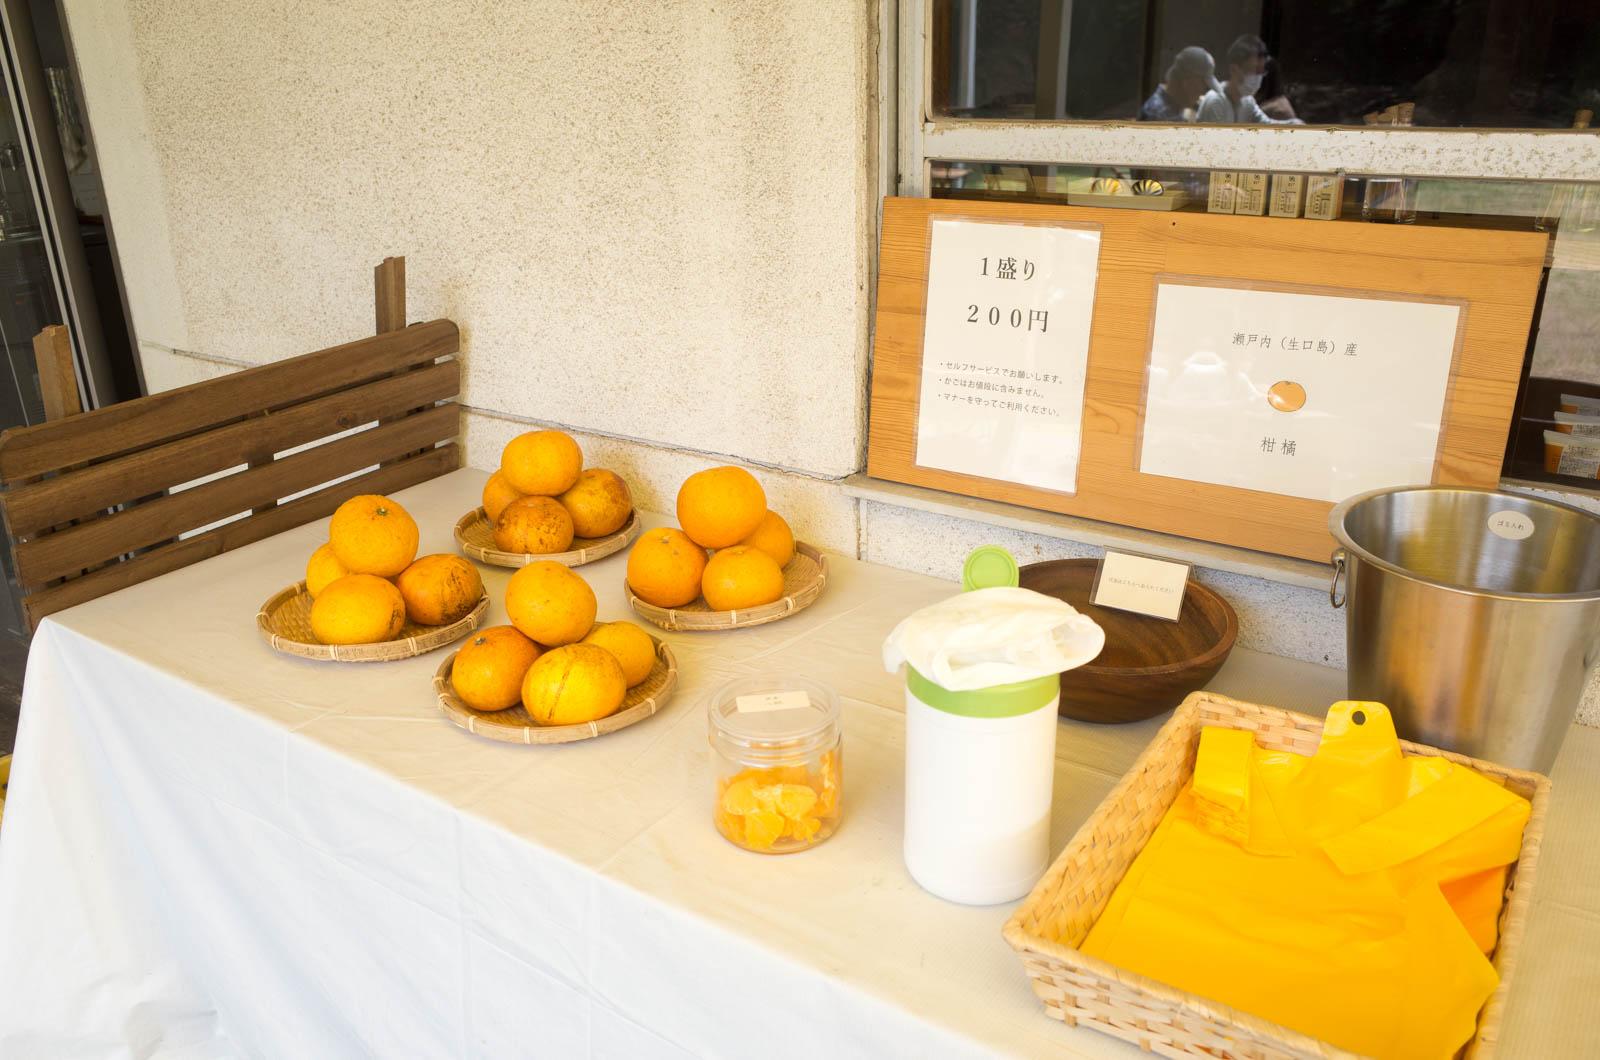 柑橘類売ってた